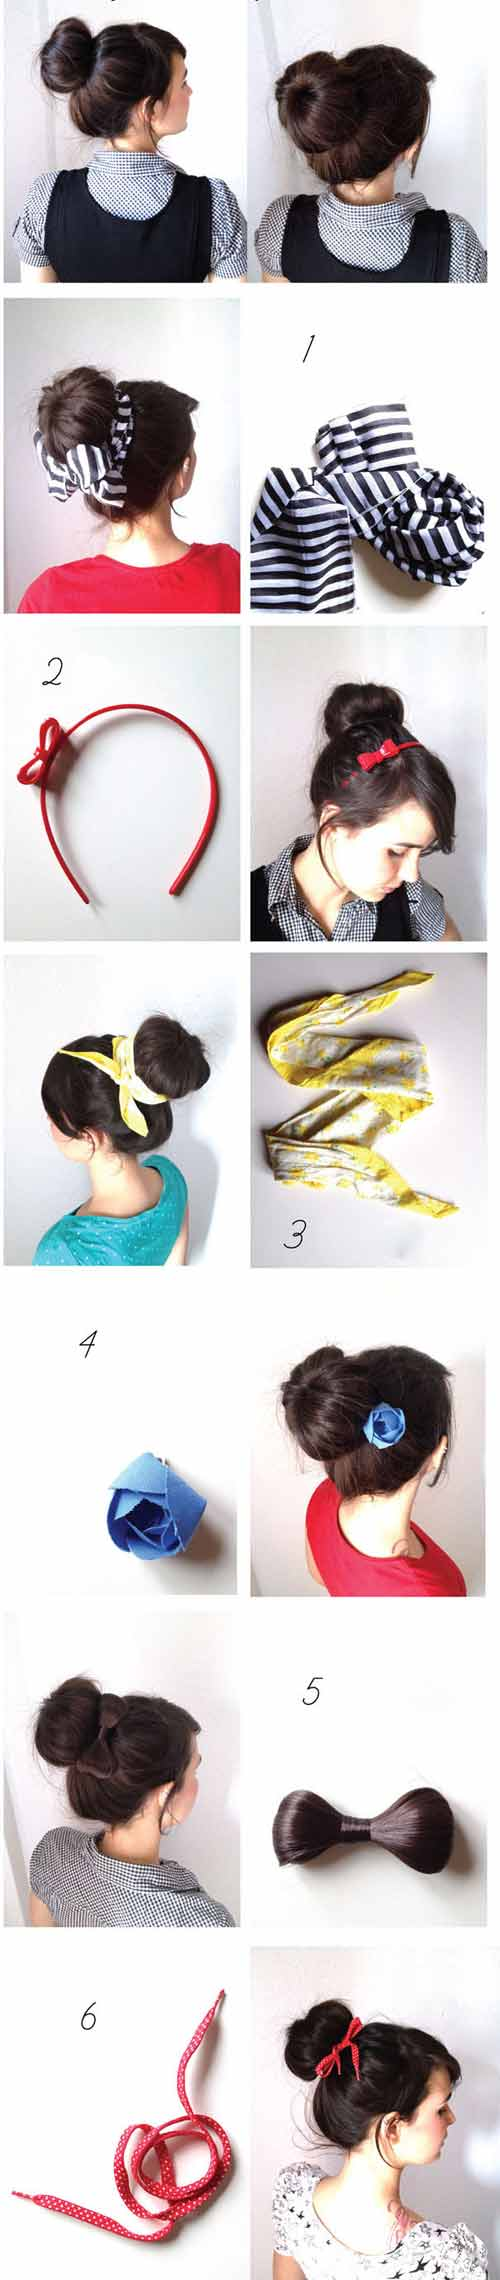 5 kiểu tóc 'cứu' bạn gái ngày đầu bẩn - 1